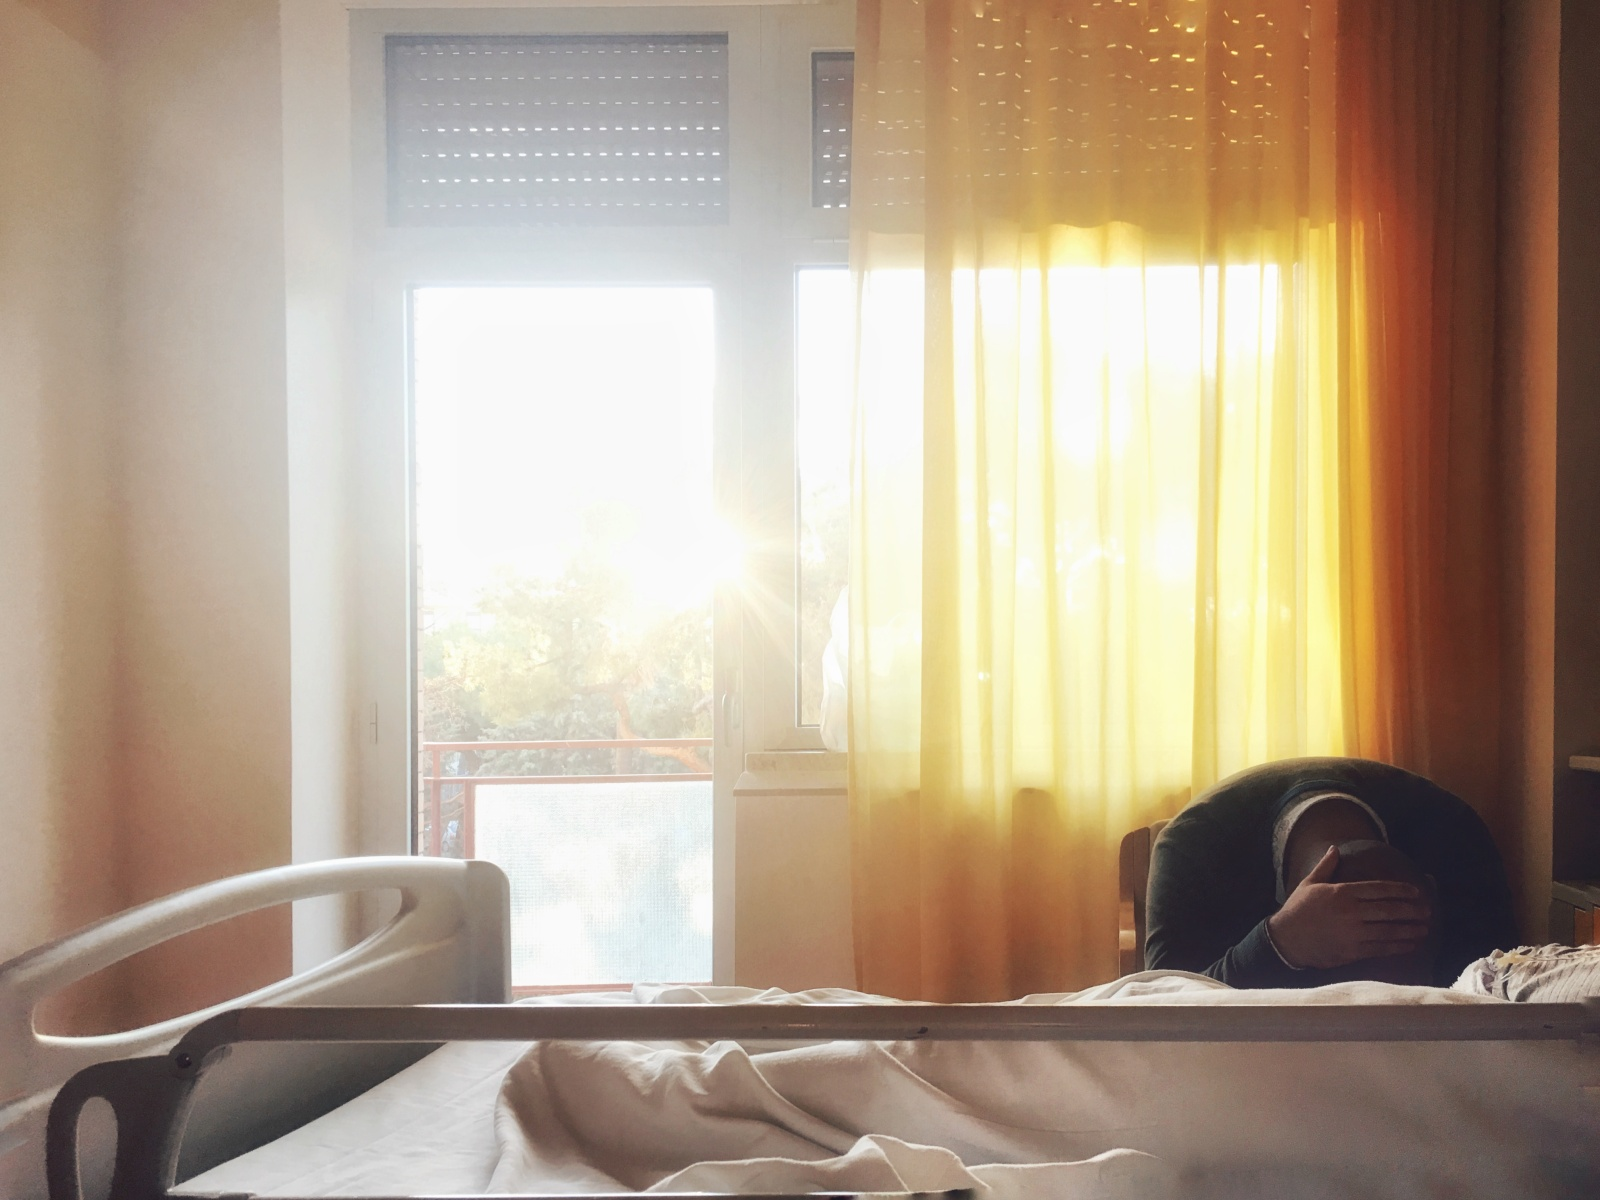 Bari, 2017. Il marito di una paziente, che ha appena subito un intervento all'orecchio, riposa accanto alla moglie.